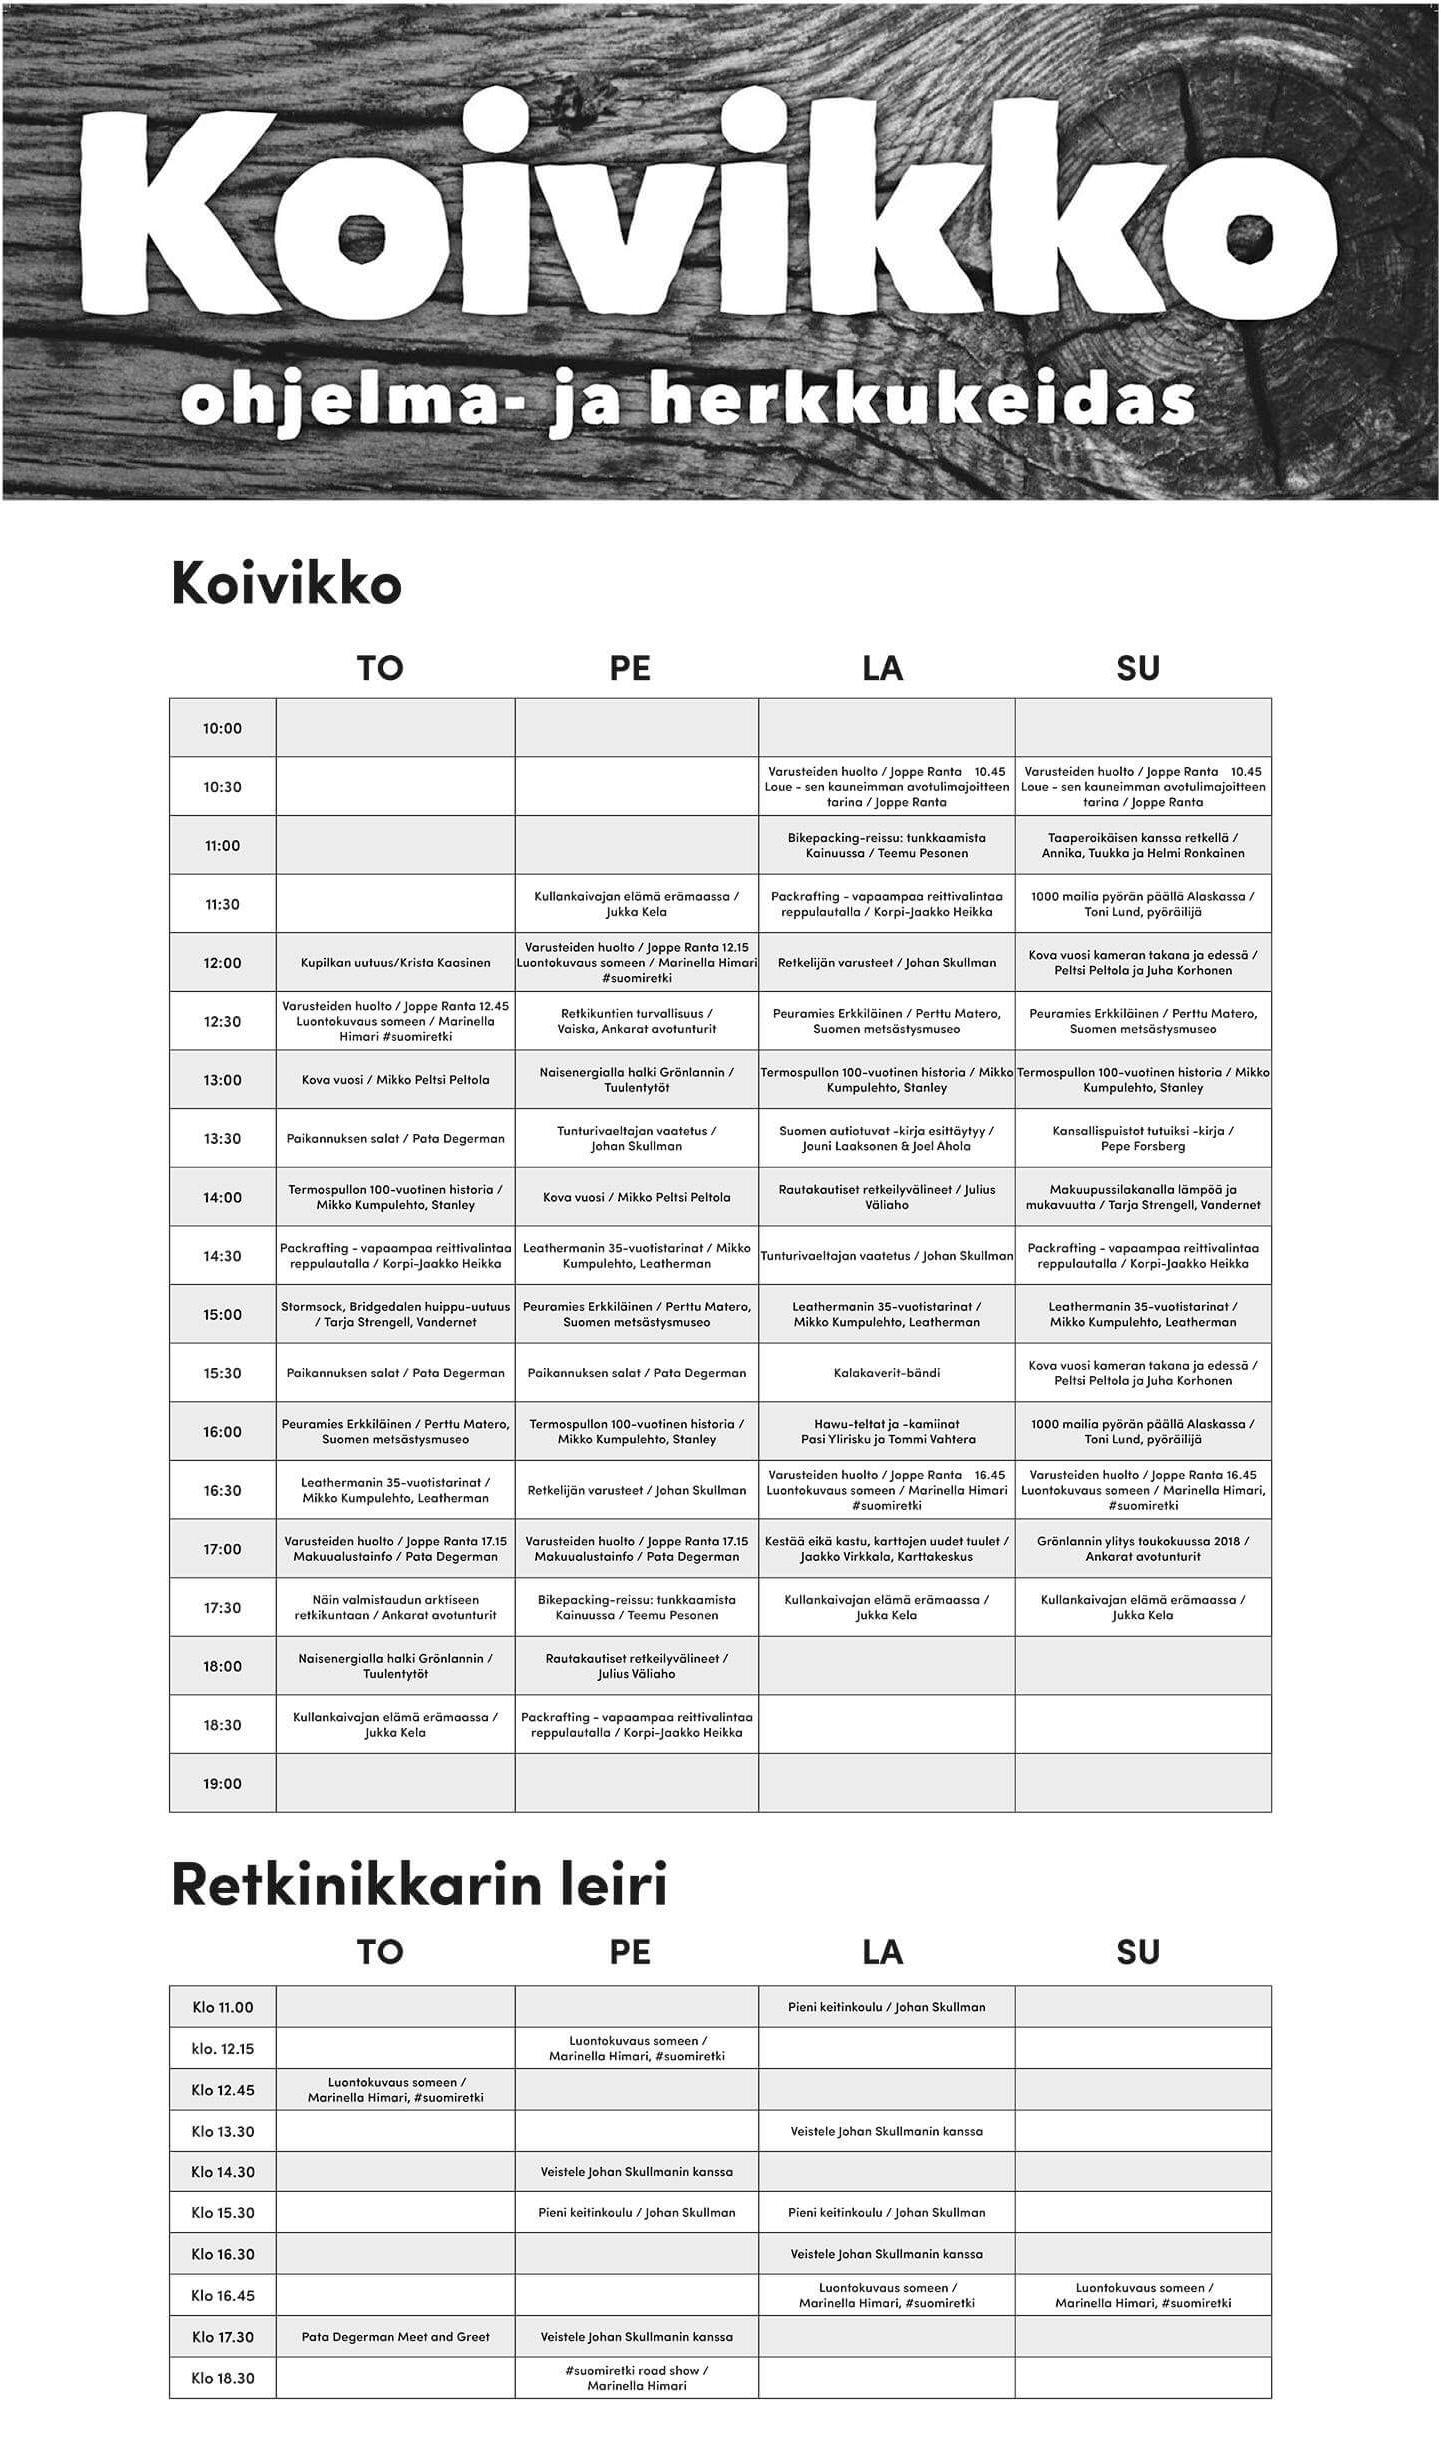 Ohjelmalavan esitykset ovat ylhäällä ja lisäohjelmat, lavan takanan Retkinikkain leirissä, alemmassa taulukossa.